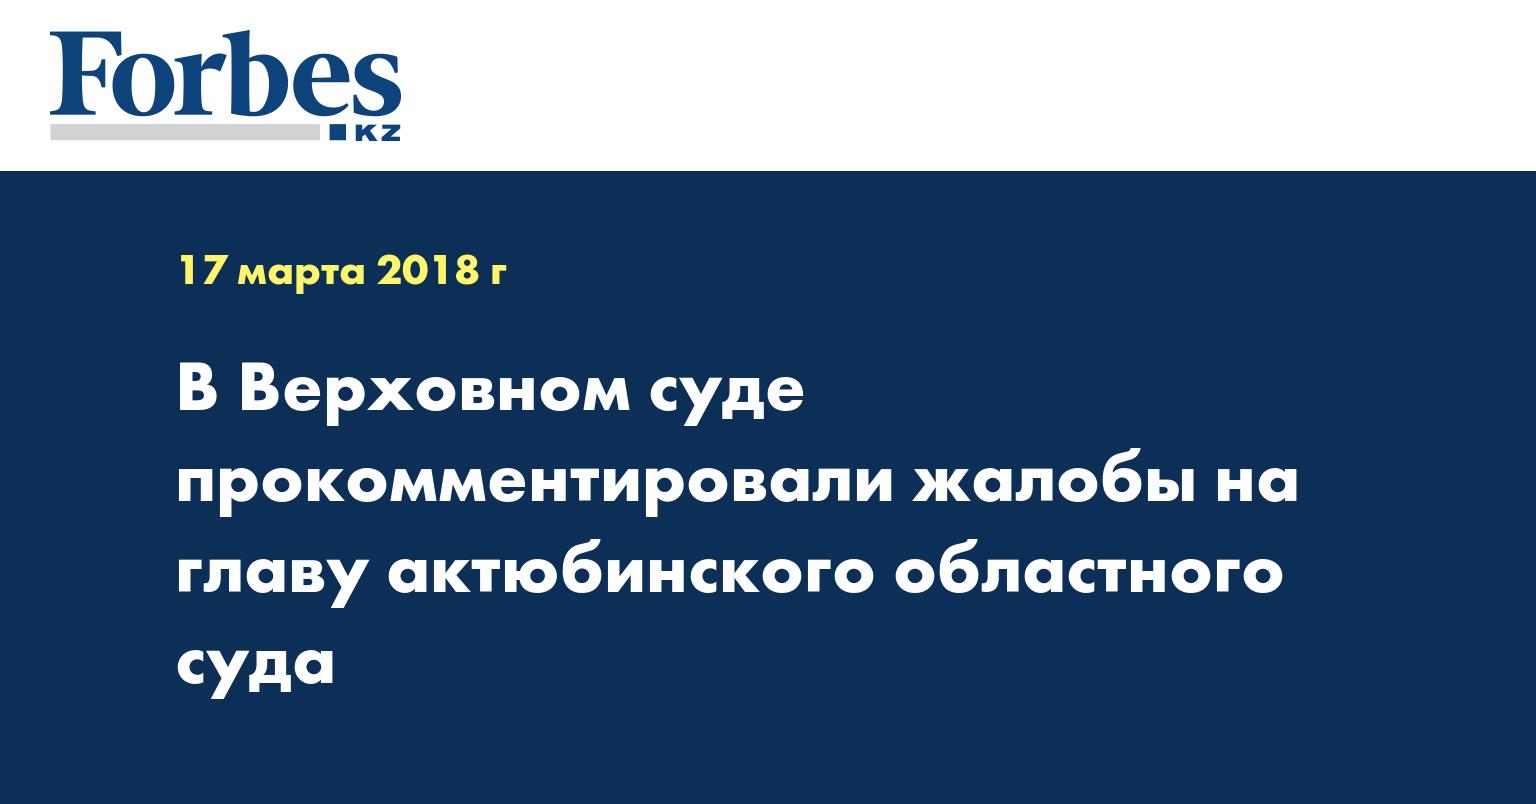 В Верховном суде прокомментировали жалобы на главу актюбинского областного суда